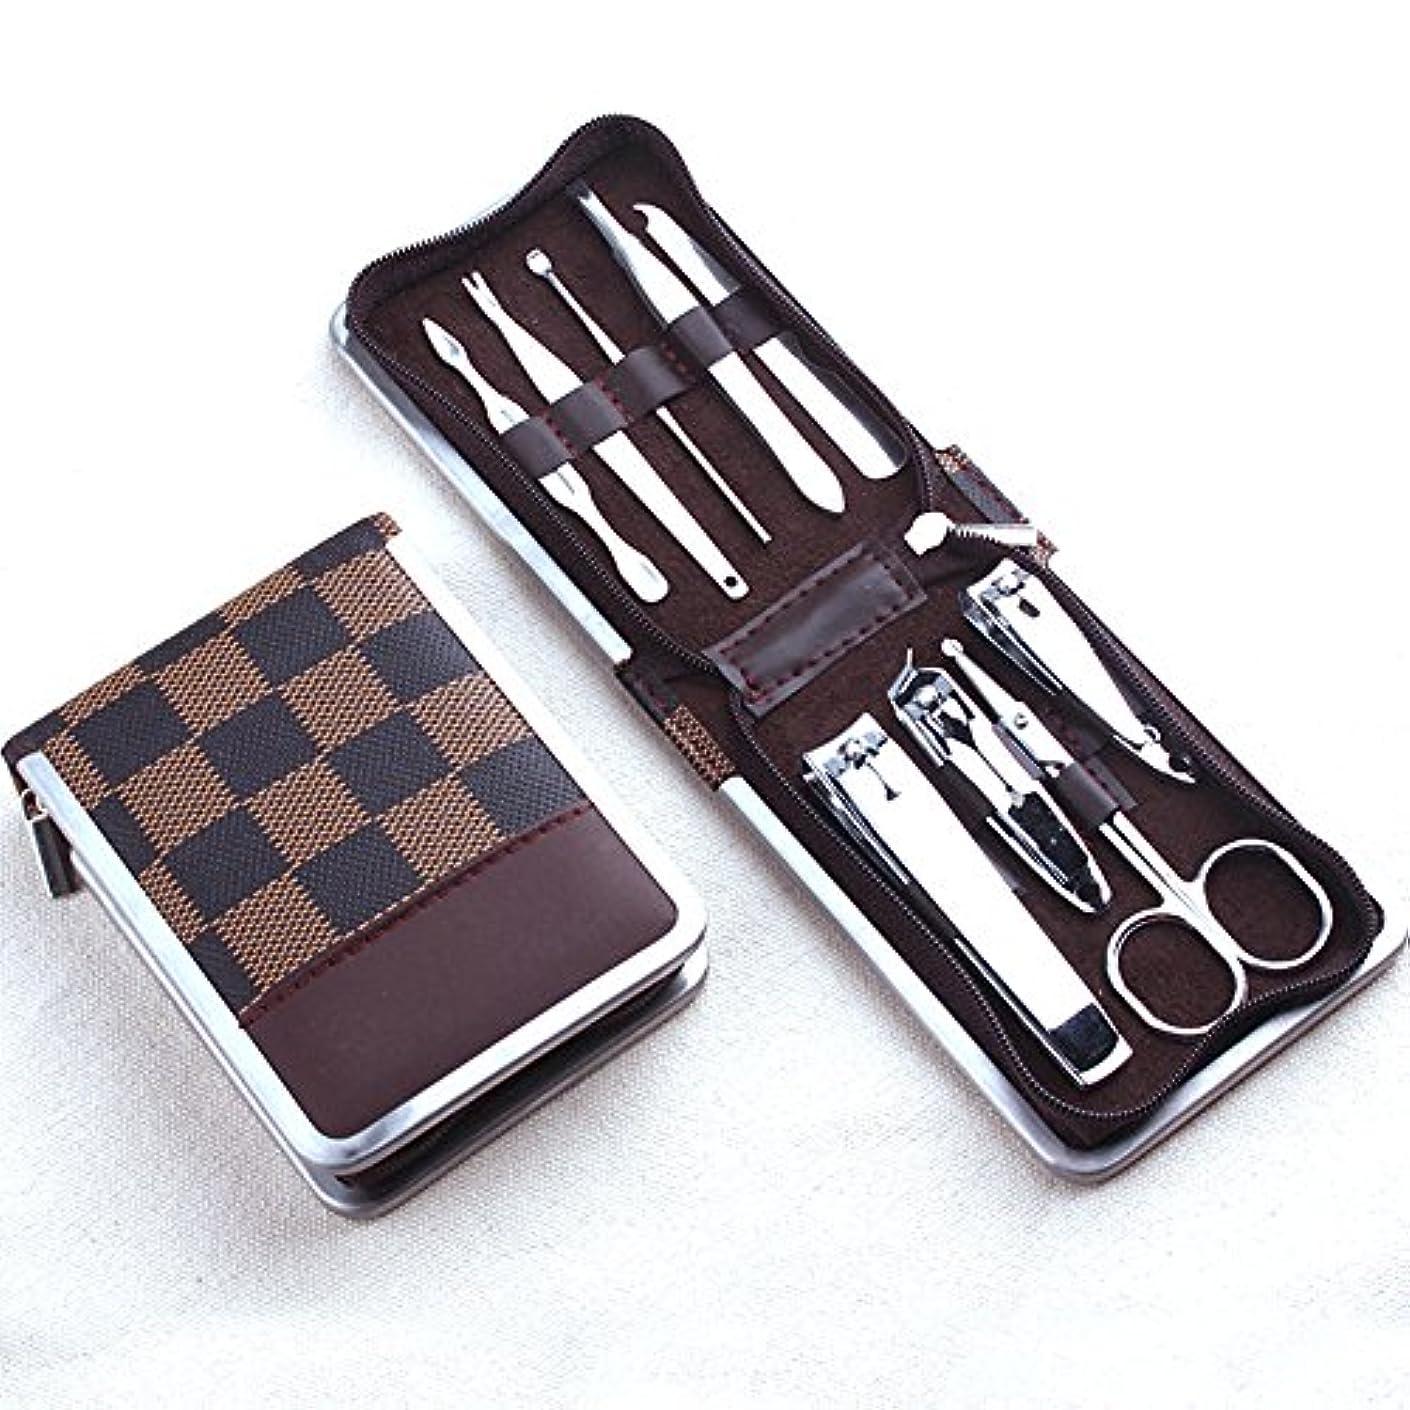 名前リズム限界プロフェッショナルステンレスマニキュアペディキュアセット爪切りクリーナーキューティクル旅行グルーミングキットケース9に1